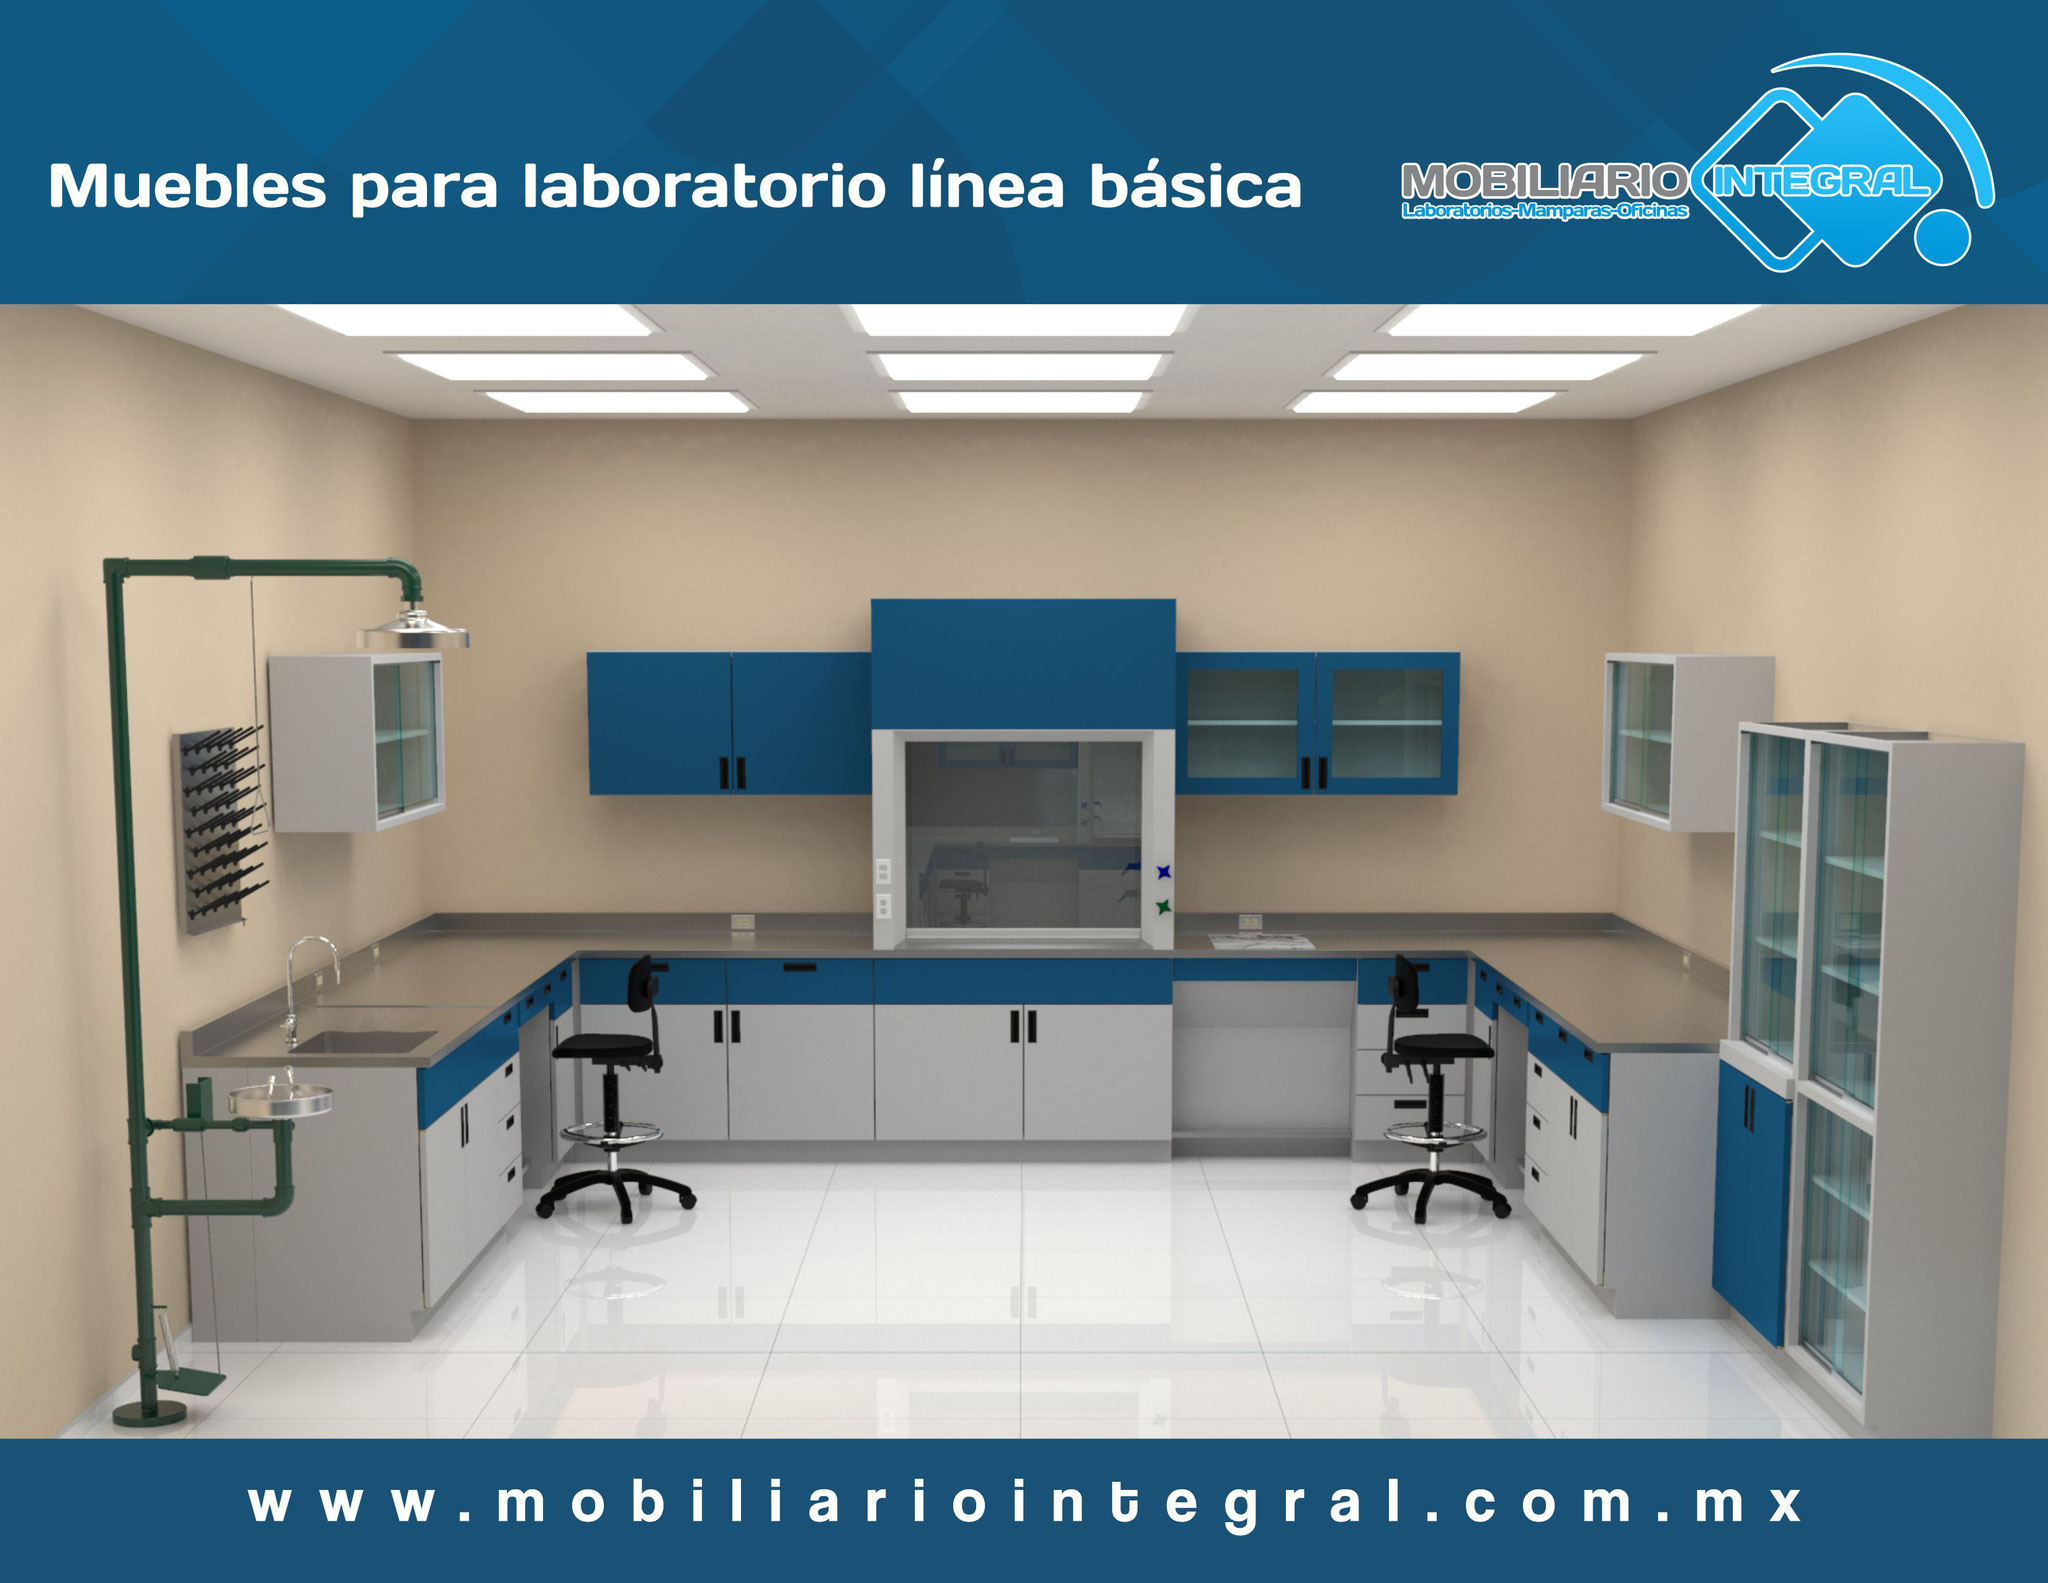 Muebles para laboratorio en Guadalajara